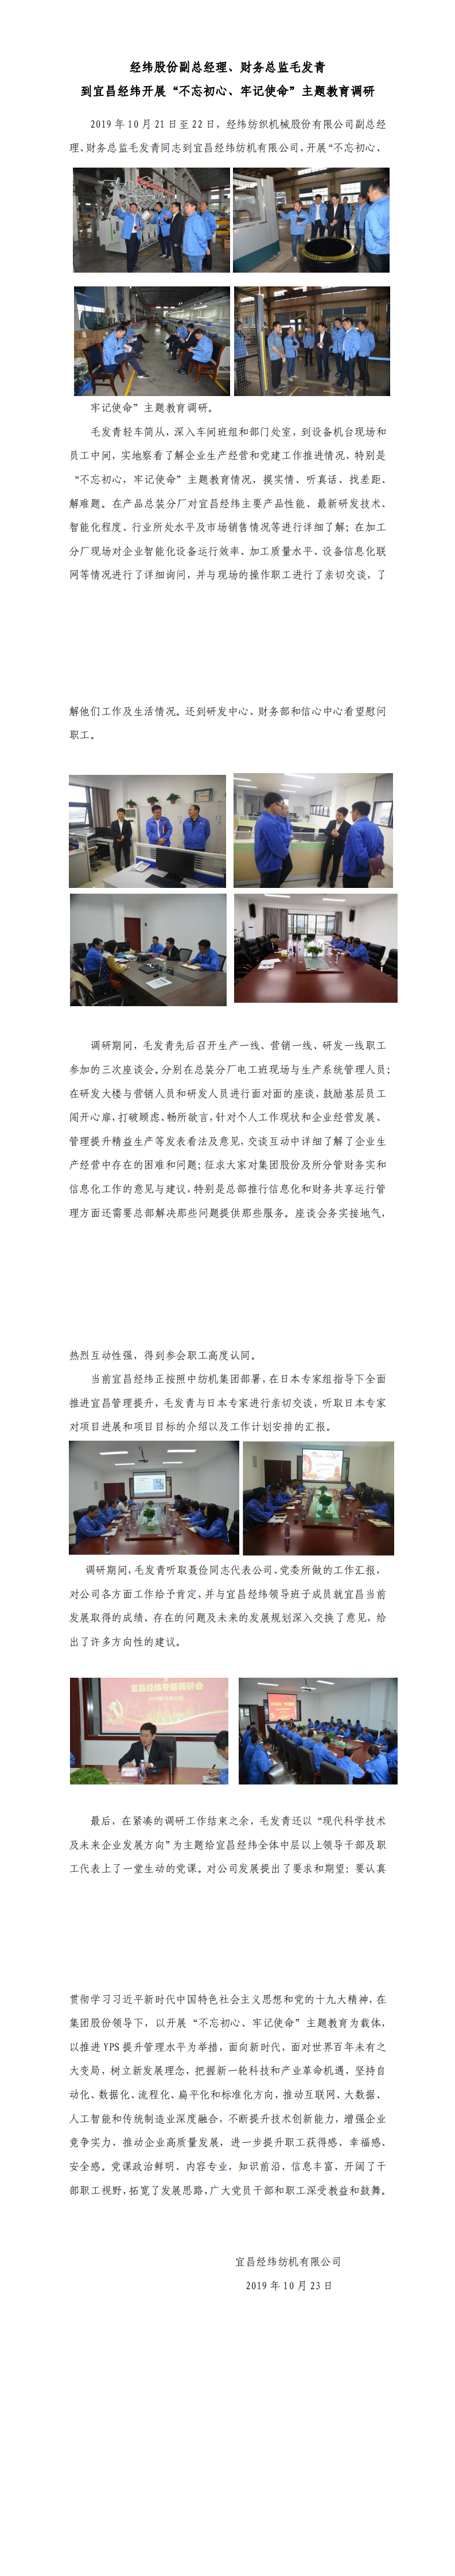 20191023毛發青到宜昌經緯開展主題教育調研-定_0